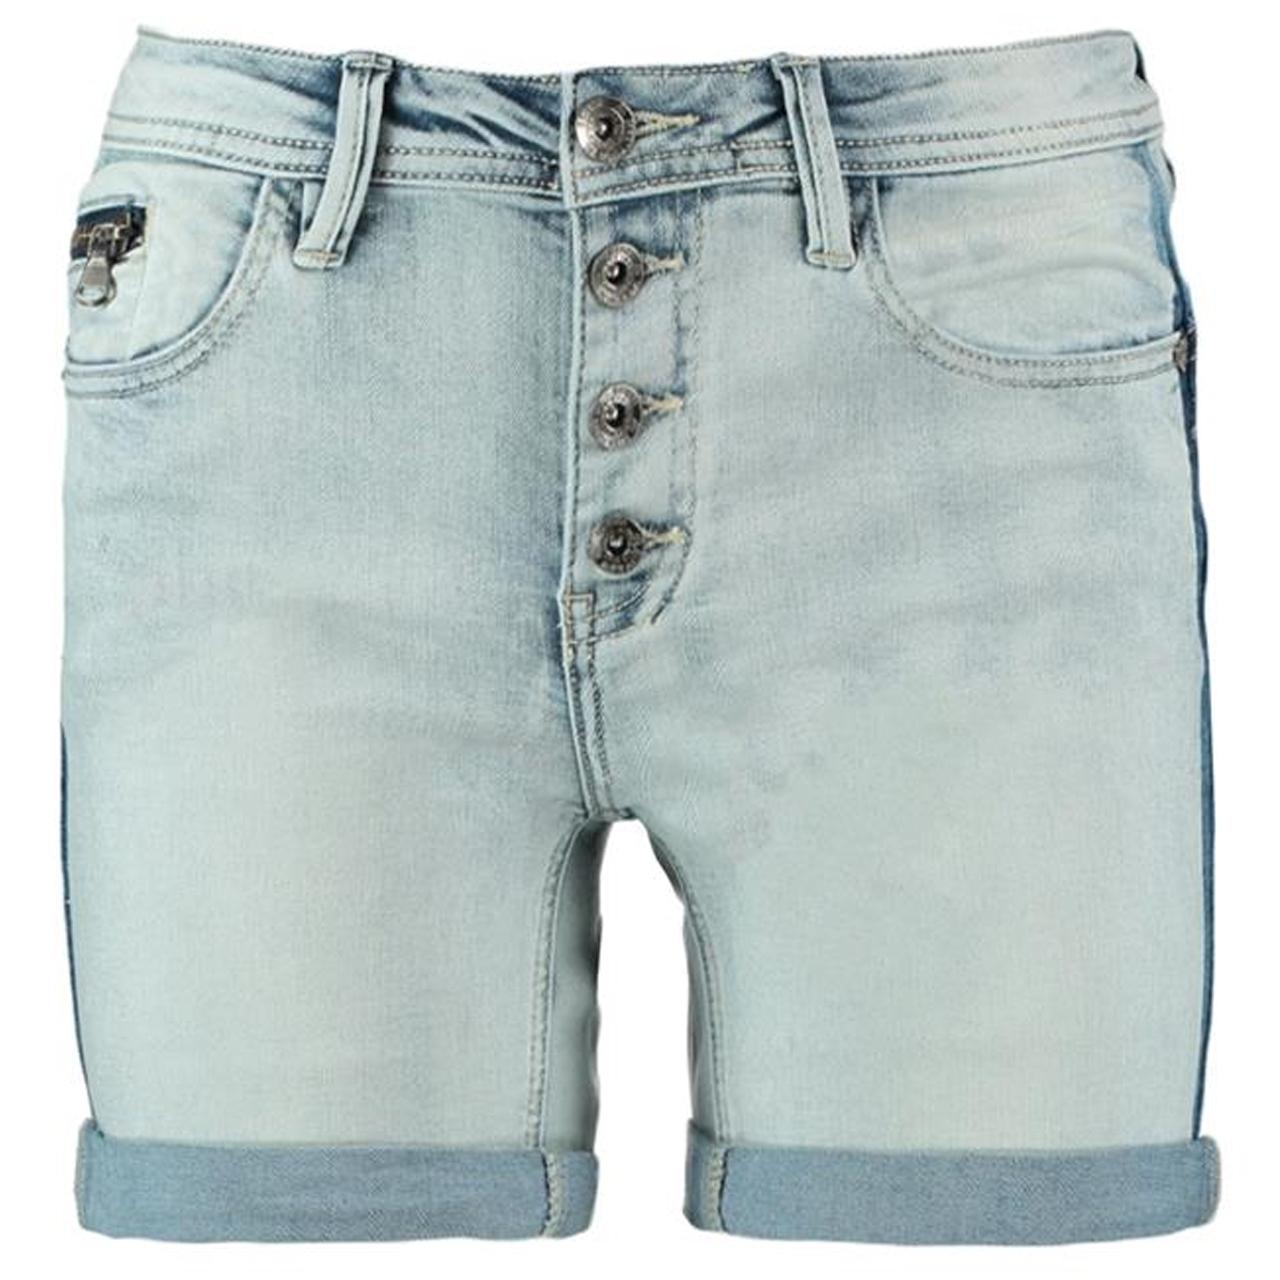 d845b59bdc91be Geisha 91023-10 Jeans - Korte broek - Broeken - Dames - Irma Mode